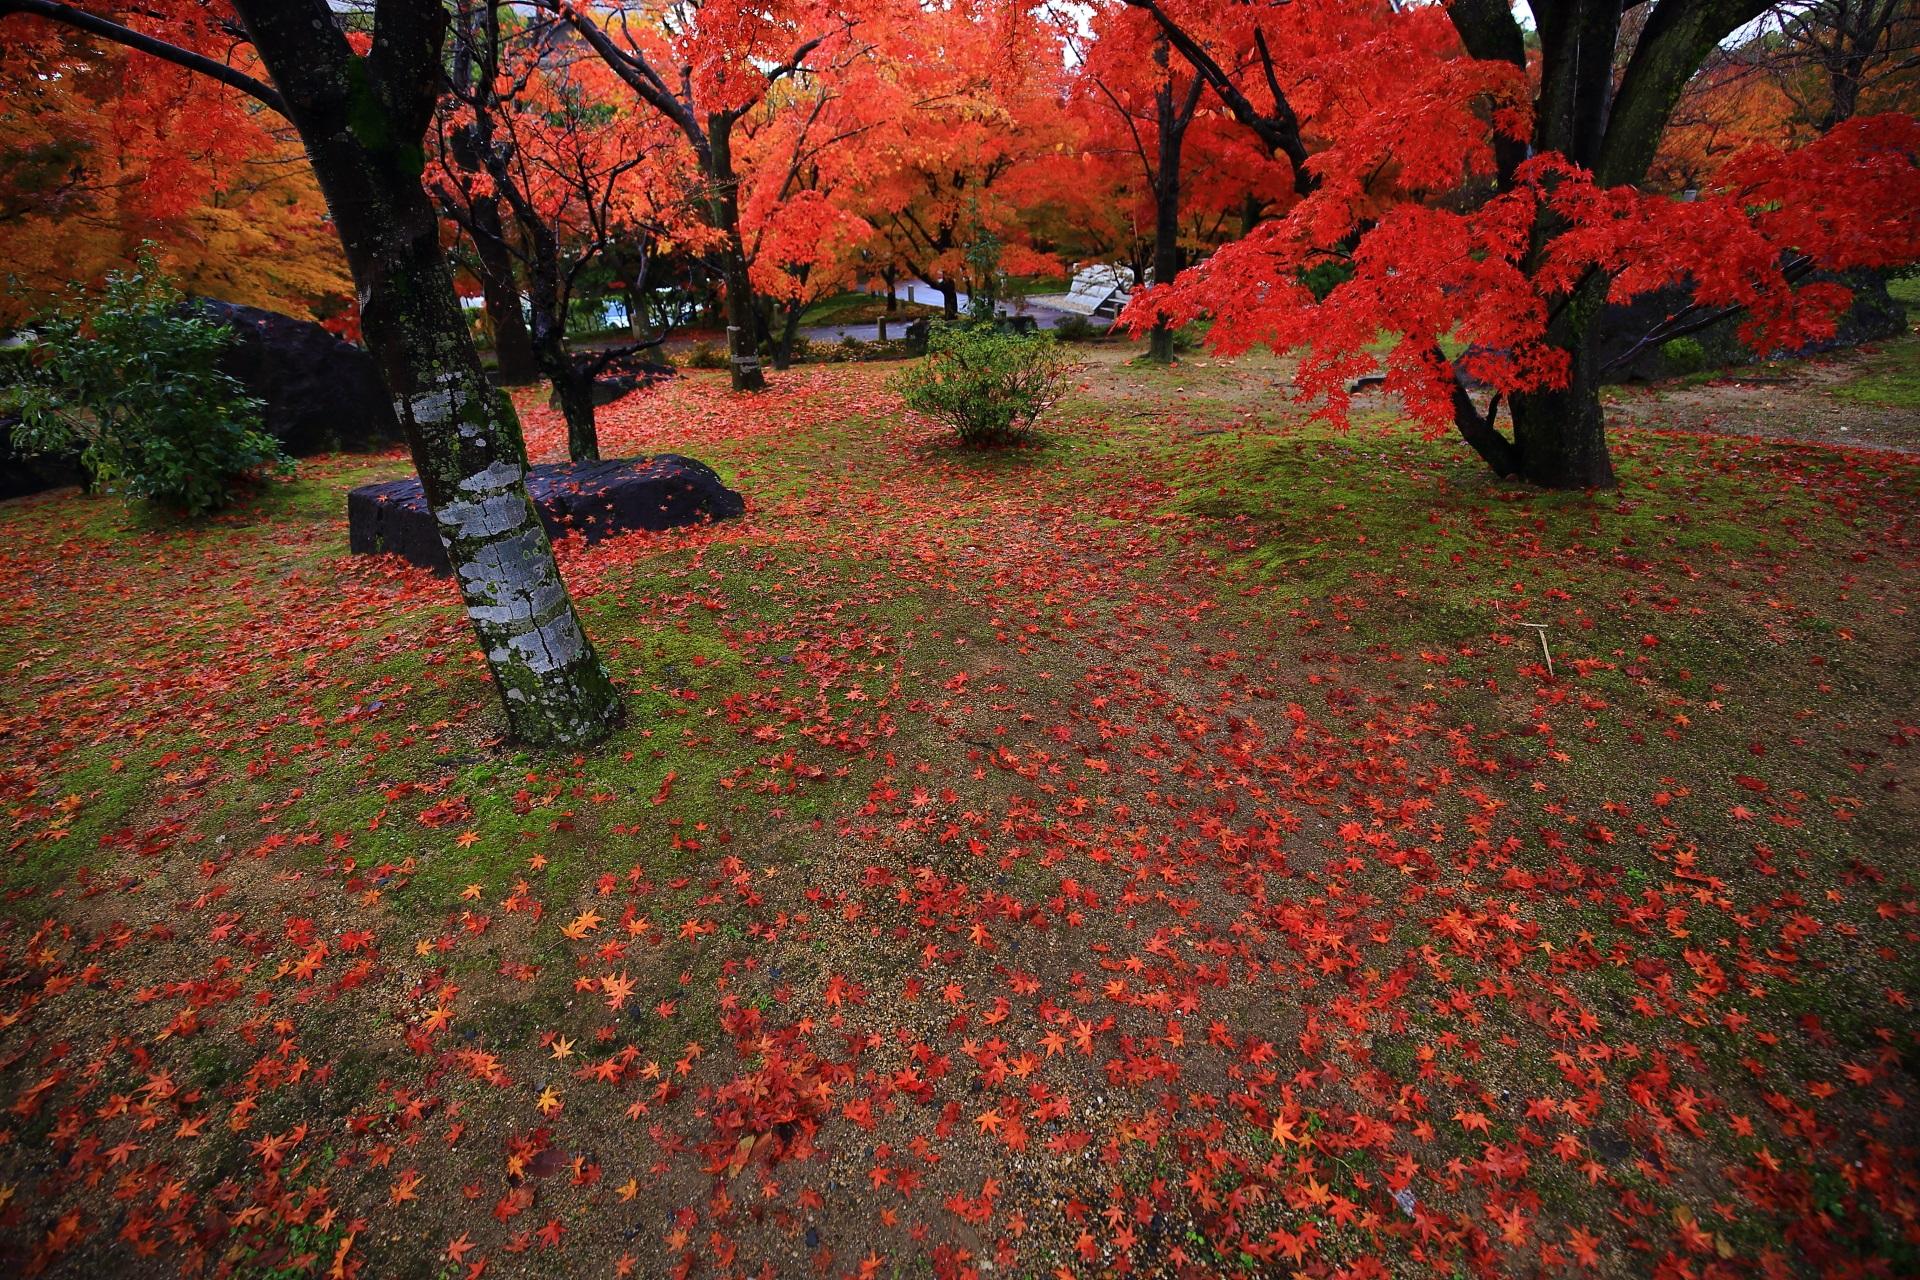 鮮やかな朱色の紅葉と散りもみじに彩られた艶やかな秋の空間